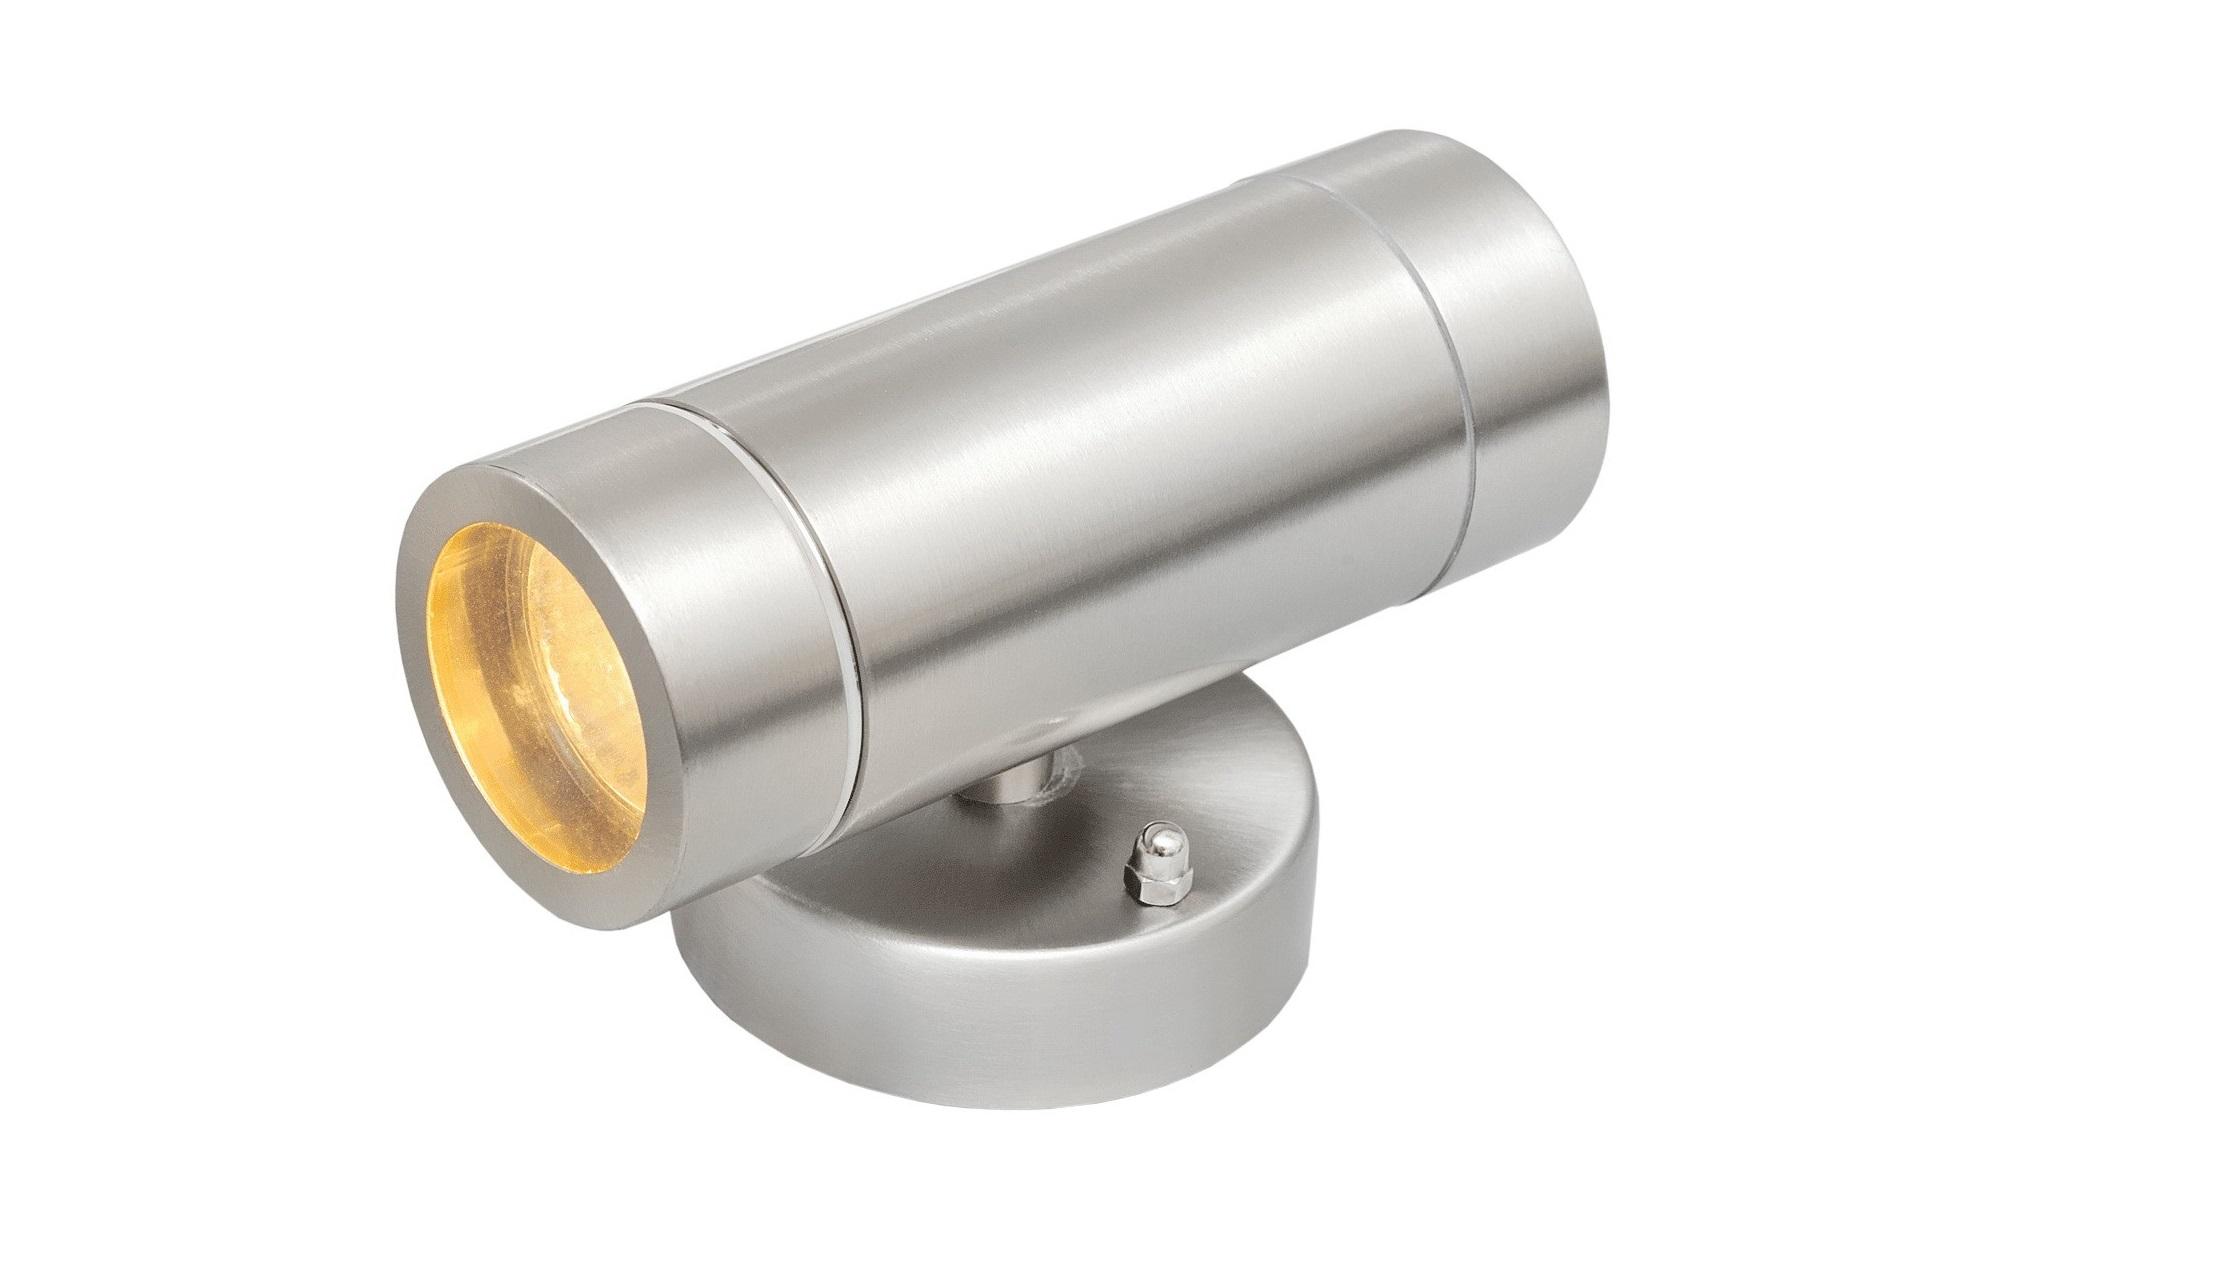 Уличный светильник МеркурийУличные настенные светильники<br>&amp;lt;div&amp;gt;Основание &amp;amp;nbsp;из стали, плафоны из стекла.&amp;lt;/div&amp;gt;&amp;lt;div&amp;gt;&amp;lt;br&amp;gt;&amp;lt;/div&amp;gt;&amp;lt;div&amp;gt;&amp;lt;div&amp;gt;Количество ламп: 2 шт&amp;lt;/div&amp;gt;&amp;lt;div&amp;gt;Мощность лампы: 21 W&amp;lt;/div&amp;gt;&amp;lt;div&amp;gt;Тип лампы: LED&amp;lt;/div&amp;gt;&amp;lt;/div&amp;gt;&amp;lt;div&amp;gt;&amp;lt;span style=&amp;quot;line-height: 1.78571;&amp;quot;&amp;gt;Цоколь GU10&amp;lt;/span&amp;gt;&amp;lt;br&amp;gt;&amp;lt;/div&amp;gt;&amp;lt;div&amp;gt;&amp;lt;span style=&amp;quot;line-height: 1.78571;&amp;quot;&amp;gt;Степень защиты светильников от пыли и влаги&amp;lt;/span&amp;gt;&amp;lt;span style=&amp;quot;line-height: 1.78571;&amp;quot;&amp;gt;&amp;amp;nbsp;IP65&amp;lt;/span&amp;gt;&amp;lt;/div&amp;gt;<br><br>Material: Сталь<br>Length см: 16<br>Width см: 9<br>Height см: 10